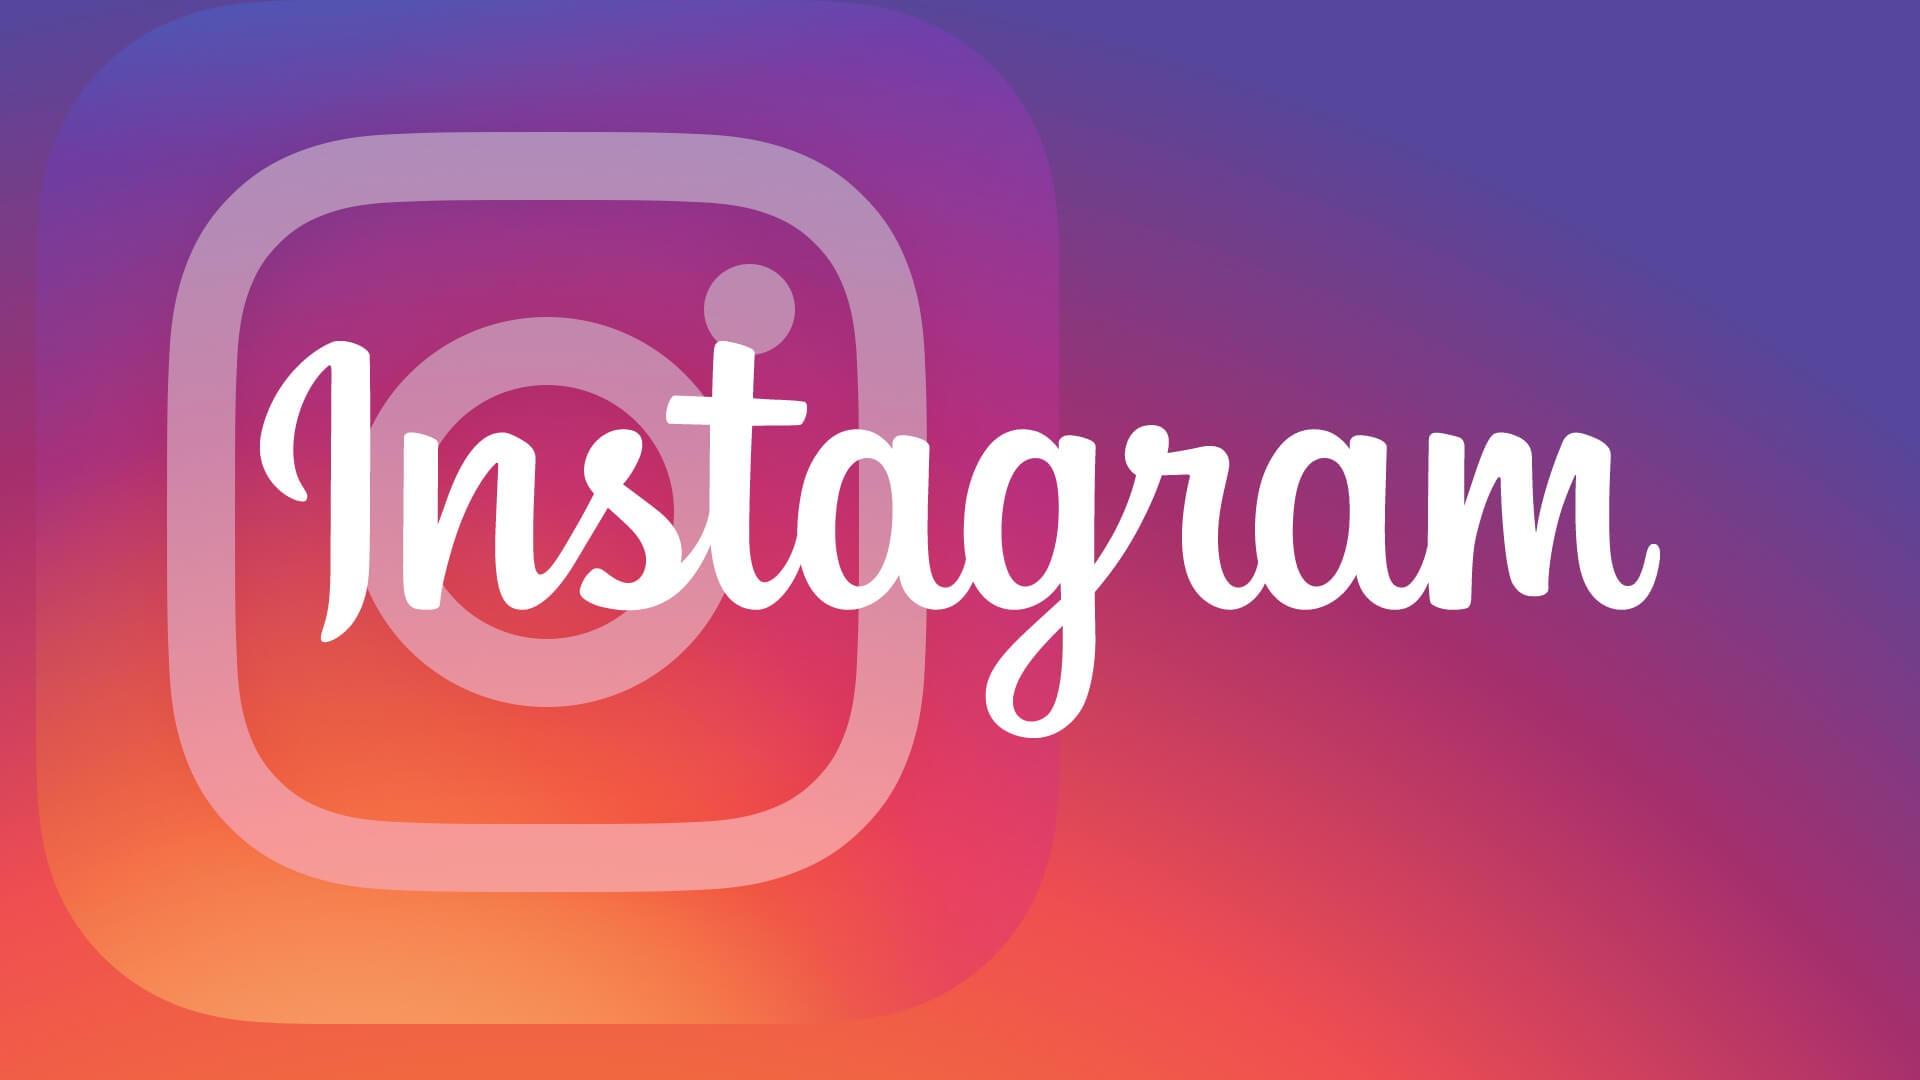 logo+Instagram.jpg